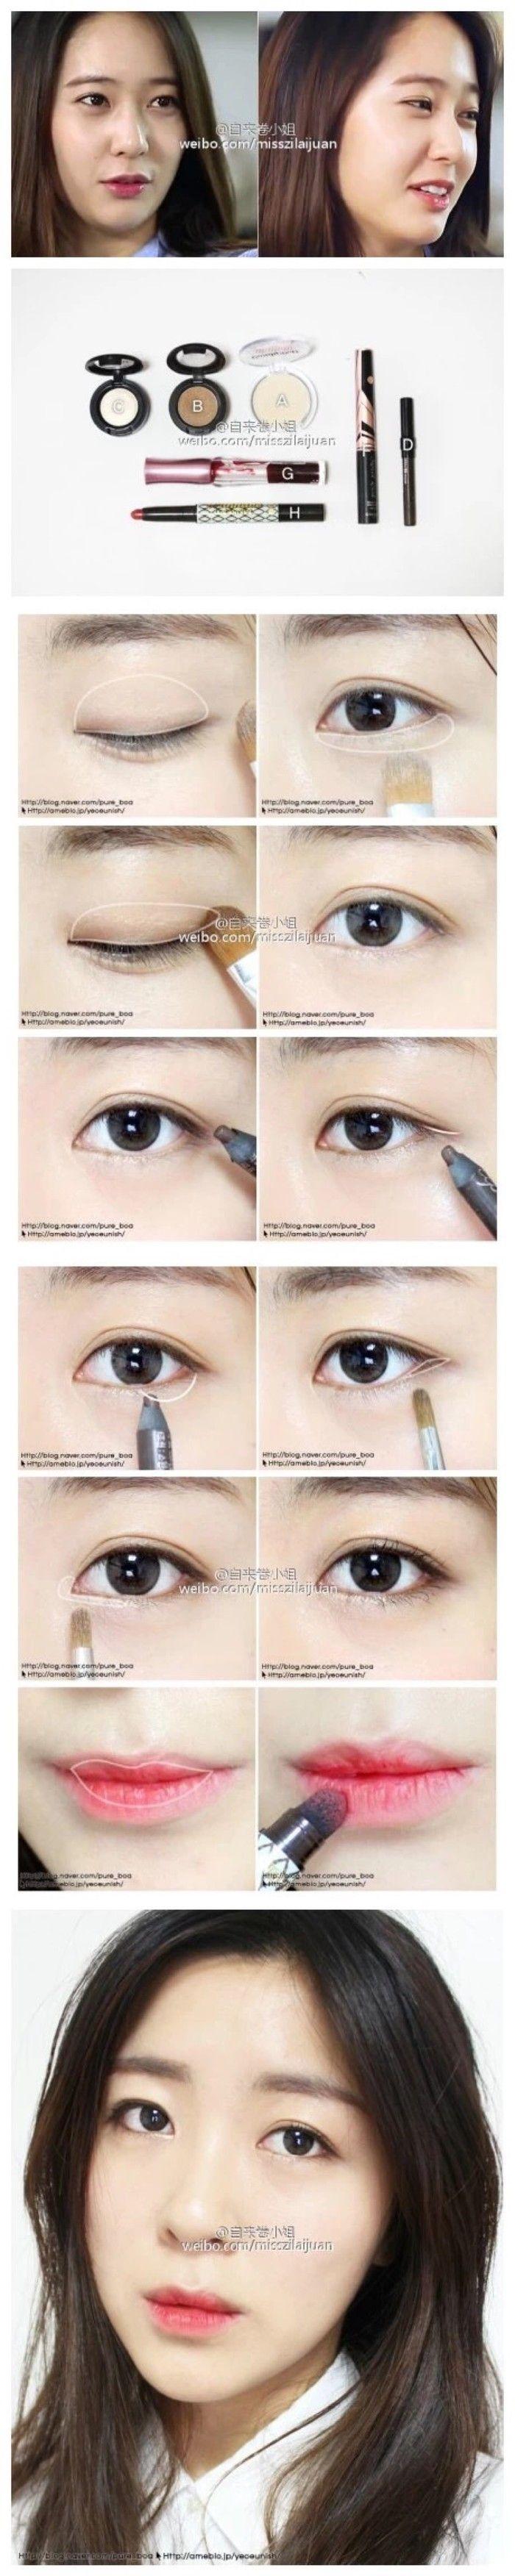 Korean Makeup Tutorial Kutek Dan Rambut Dan Kecantikan